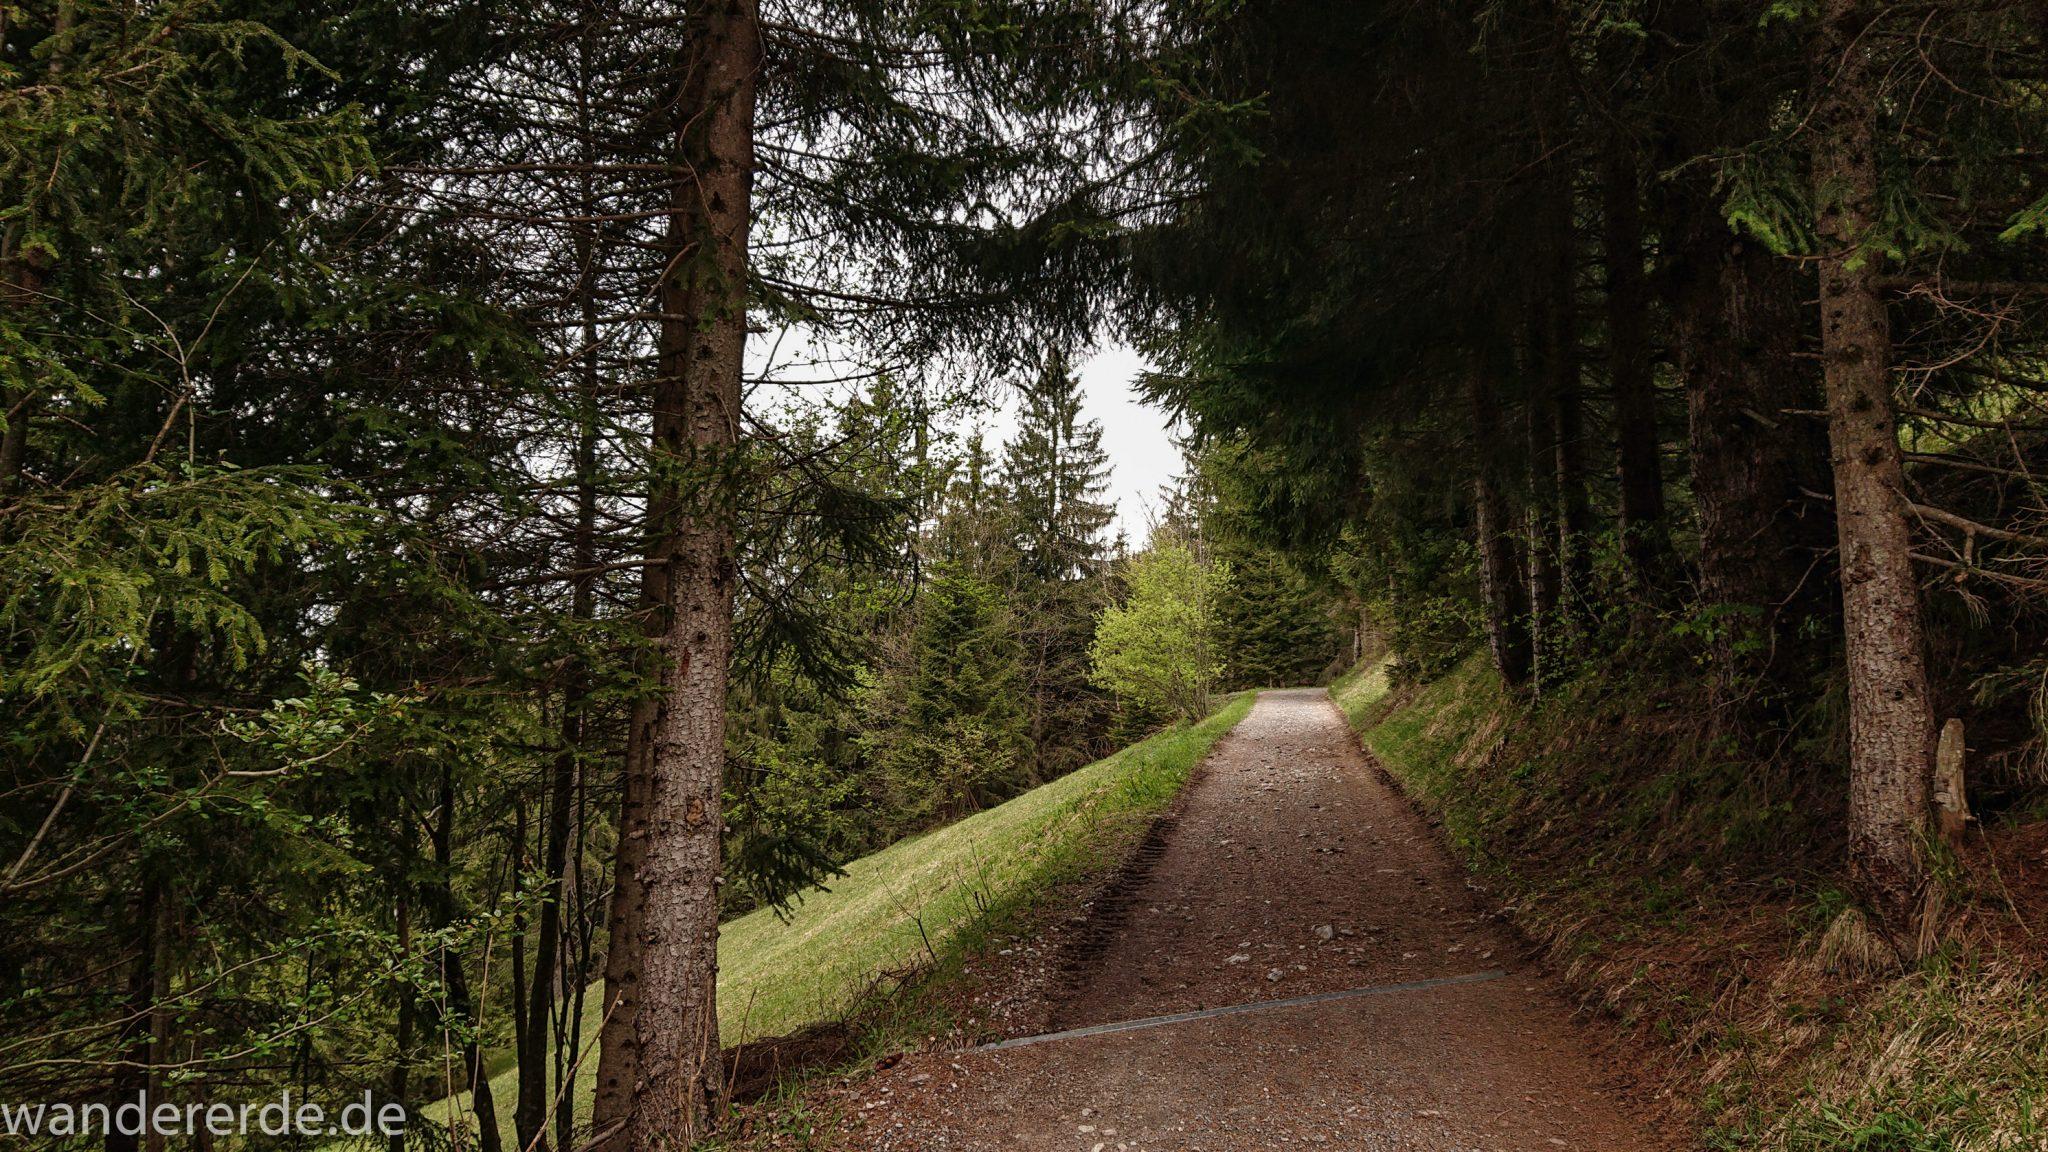 Wanderung Unterer Gaisalpsee, Wanderweg bei Oberstdorf im Allgäu ist zunächst alphaltiert, danach wieder schmalerer Kiespfad, umgeben von schönem dichtem Mischwald